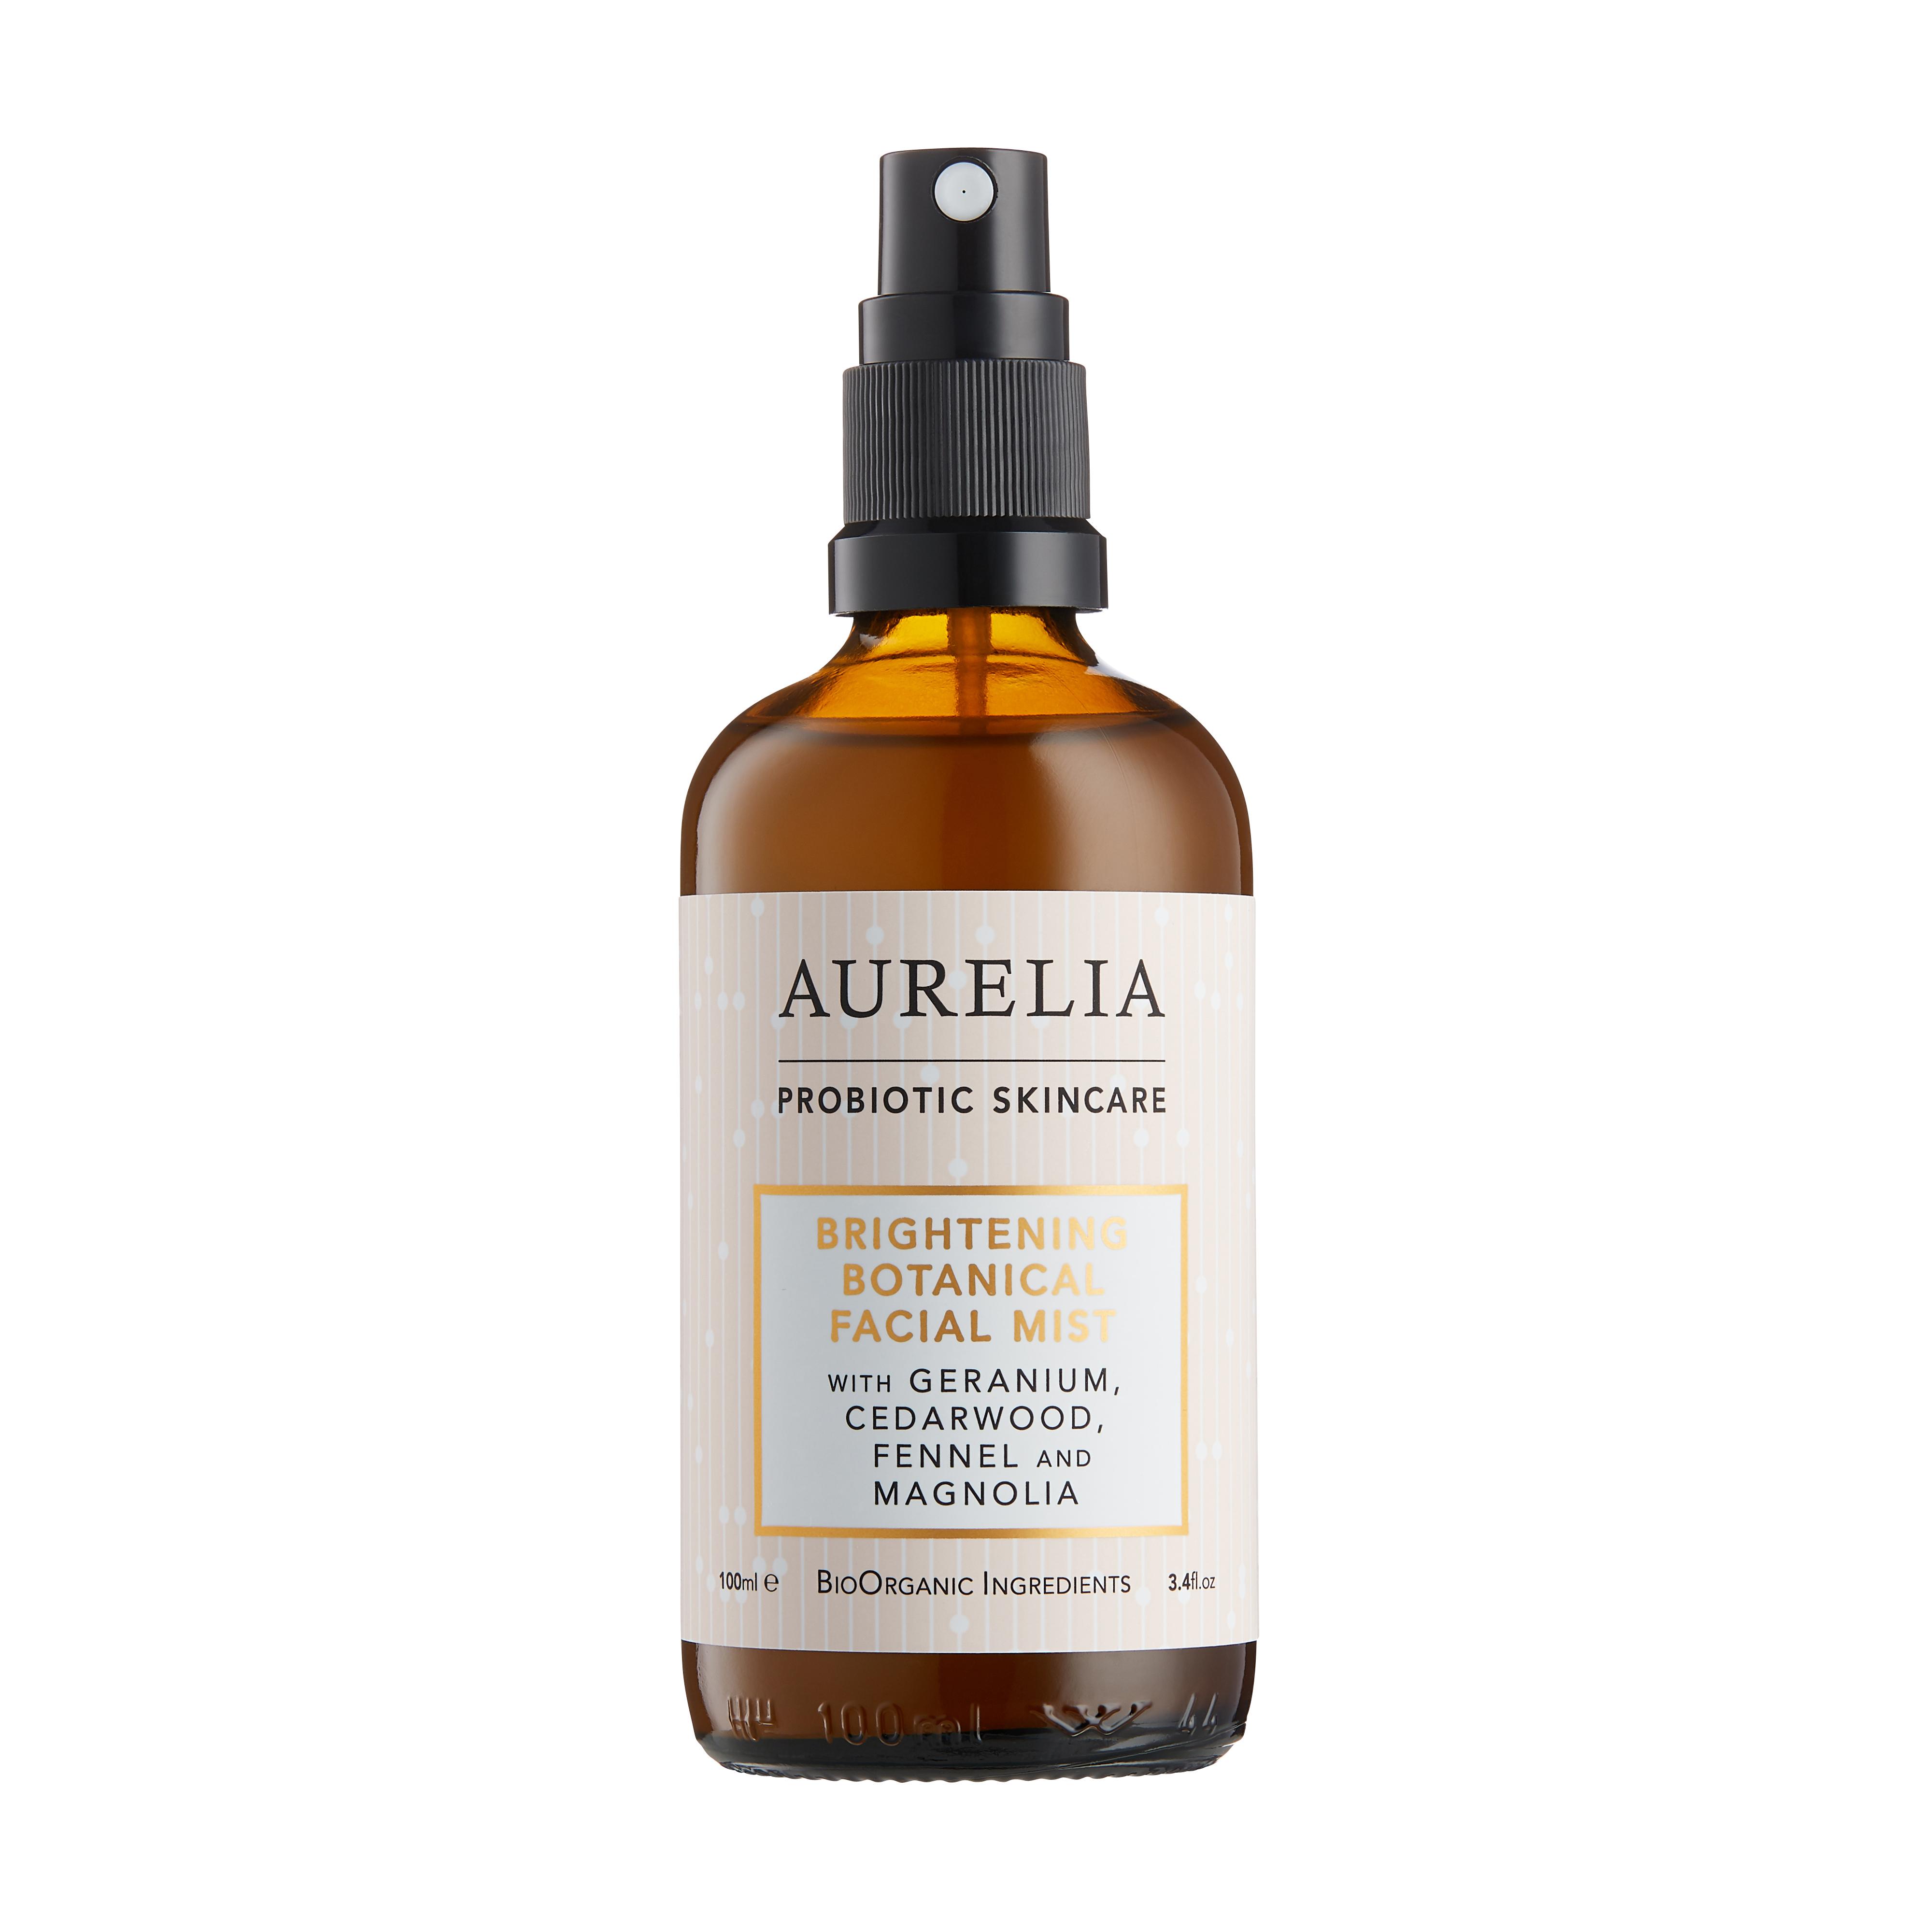 Aurelia Brightening Botanical Facial Mist